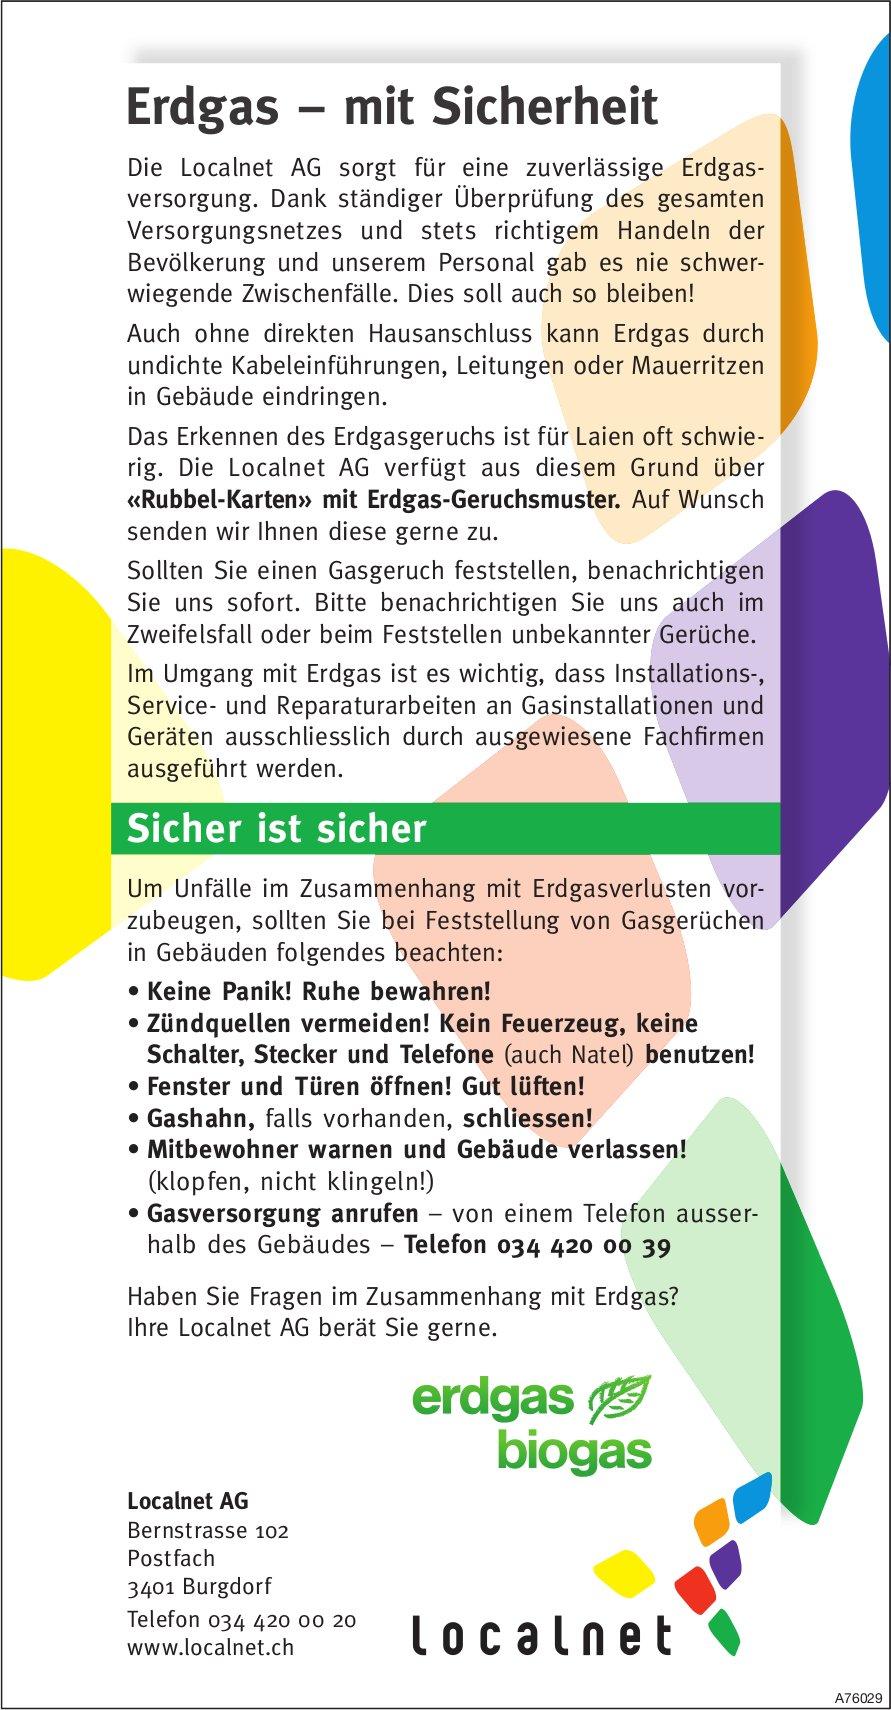 Localnet AG - Erdgas, mit Sicherheit